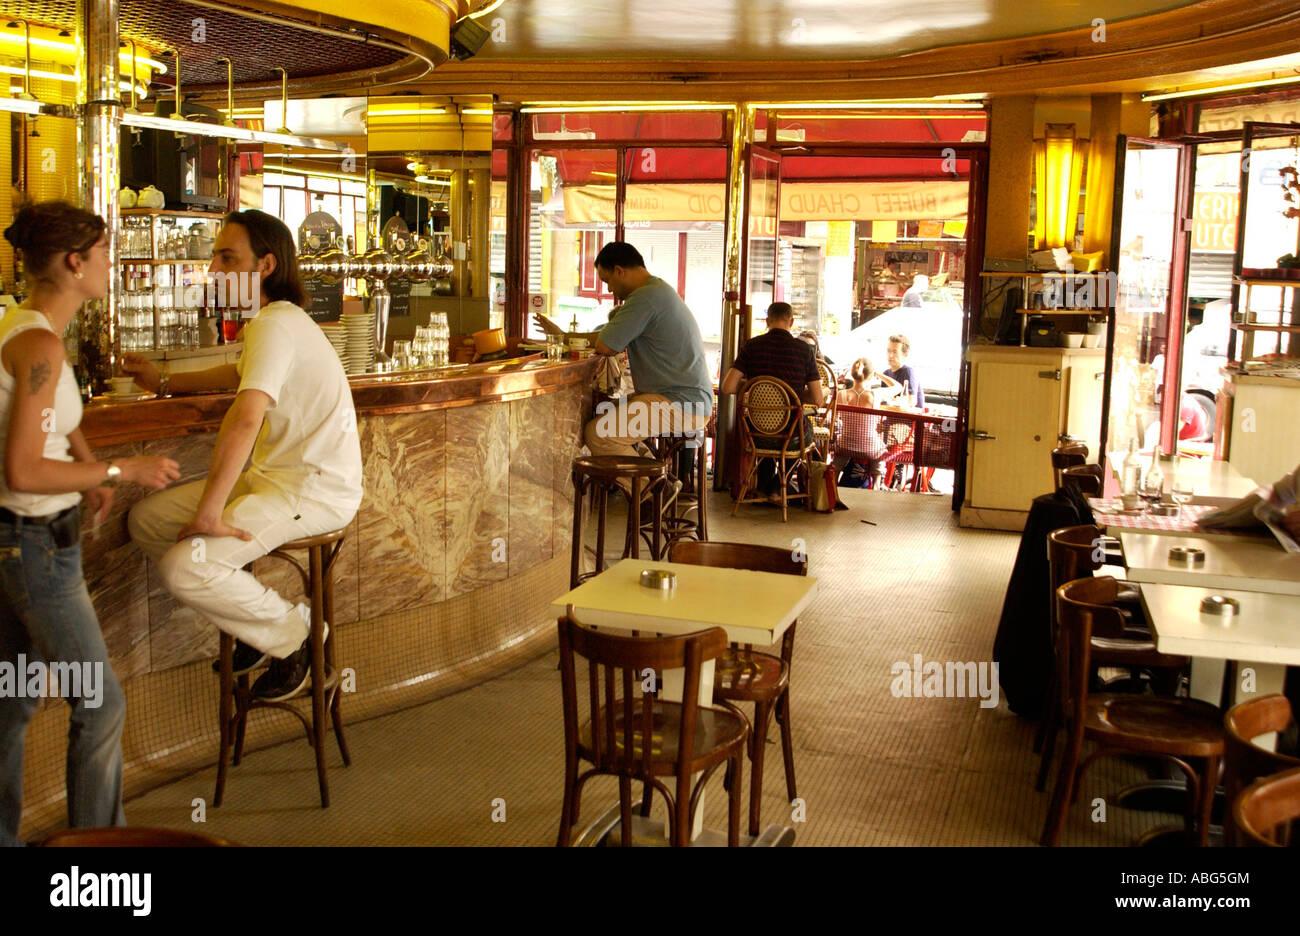 Deux Moulins Cafe